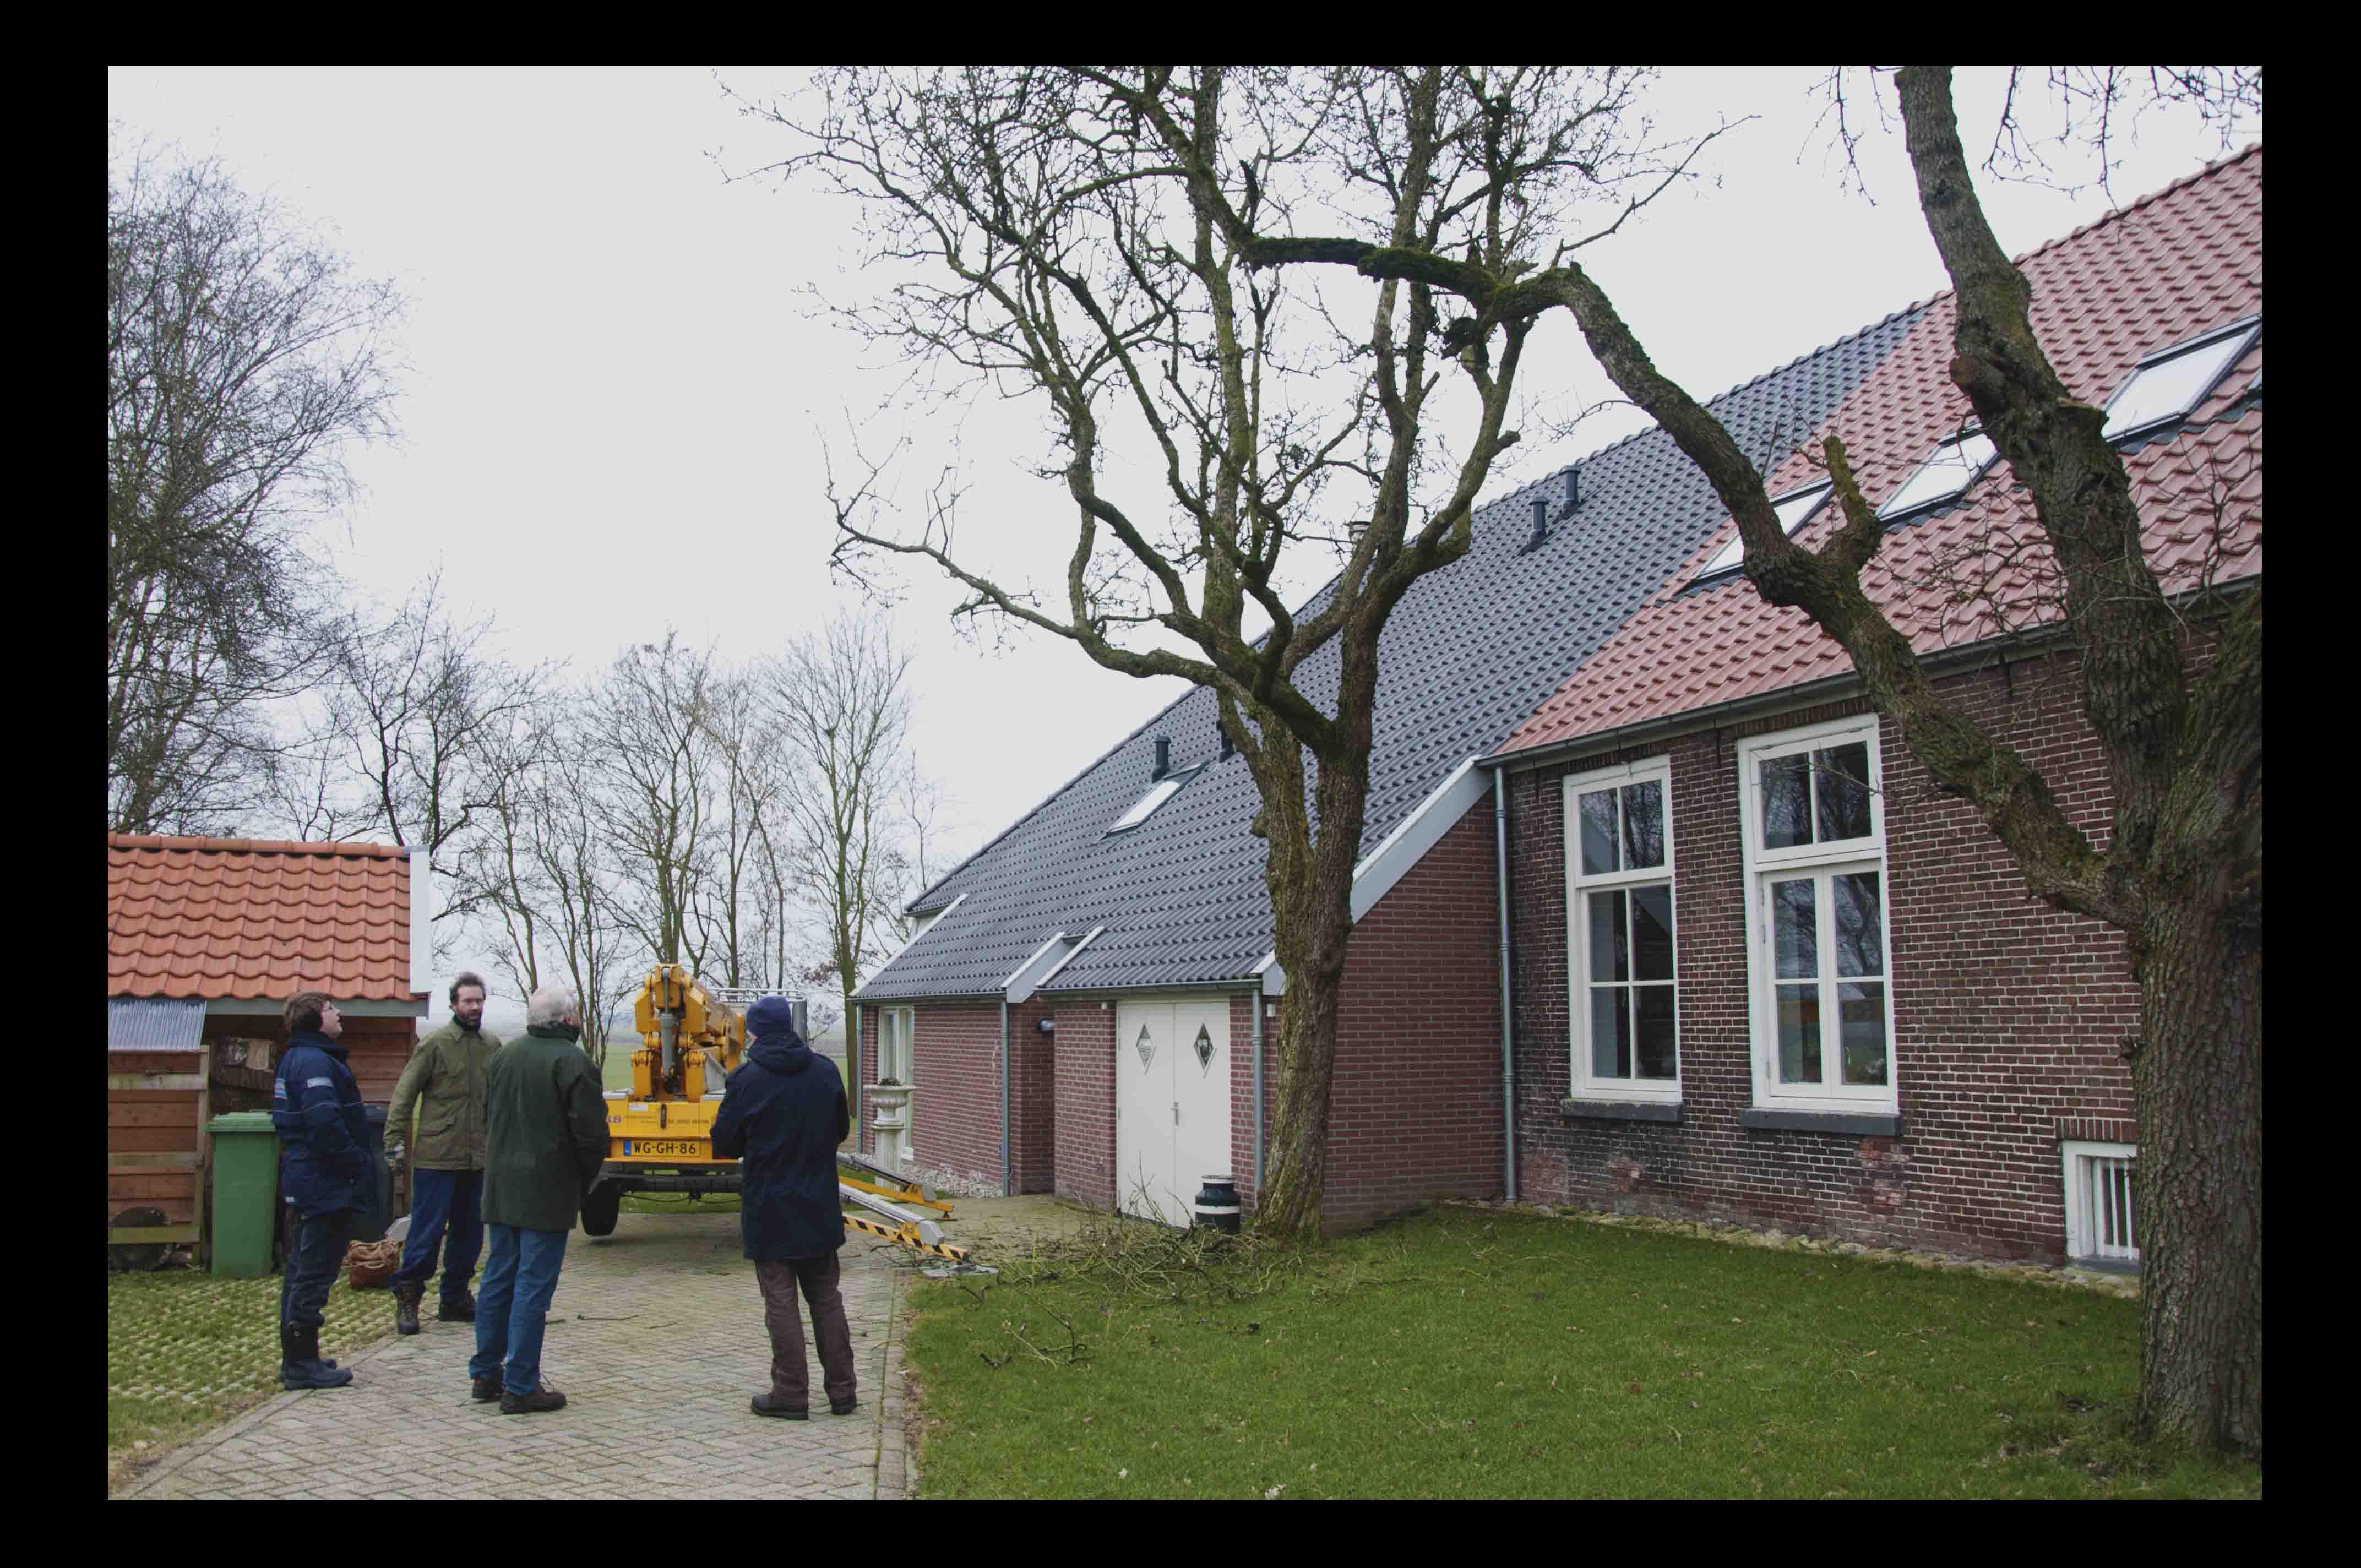 2011-02-19-hsb-zuidveen-2692